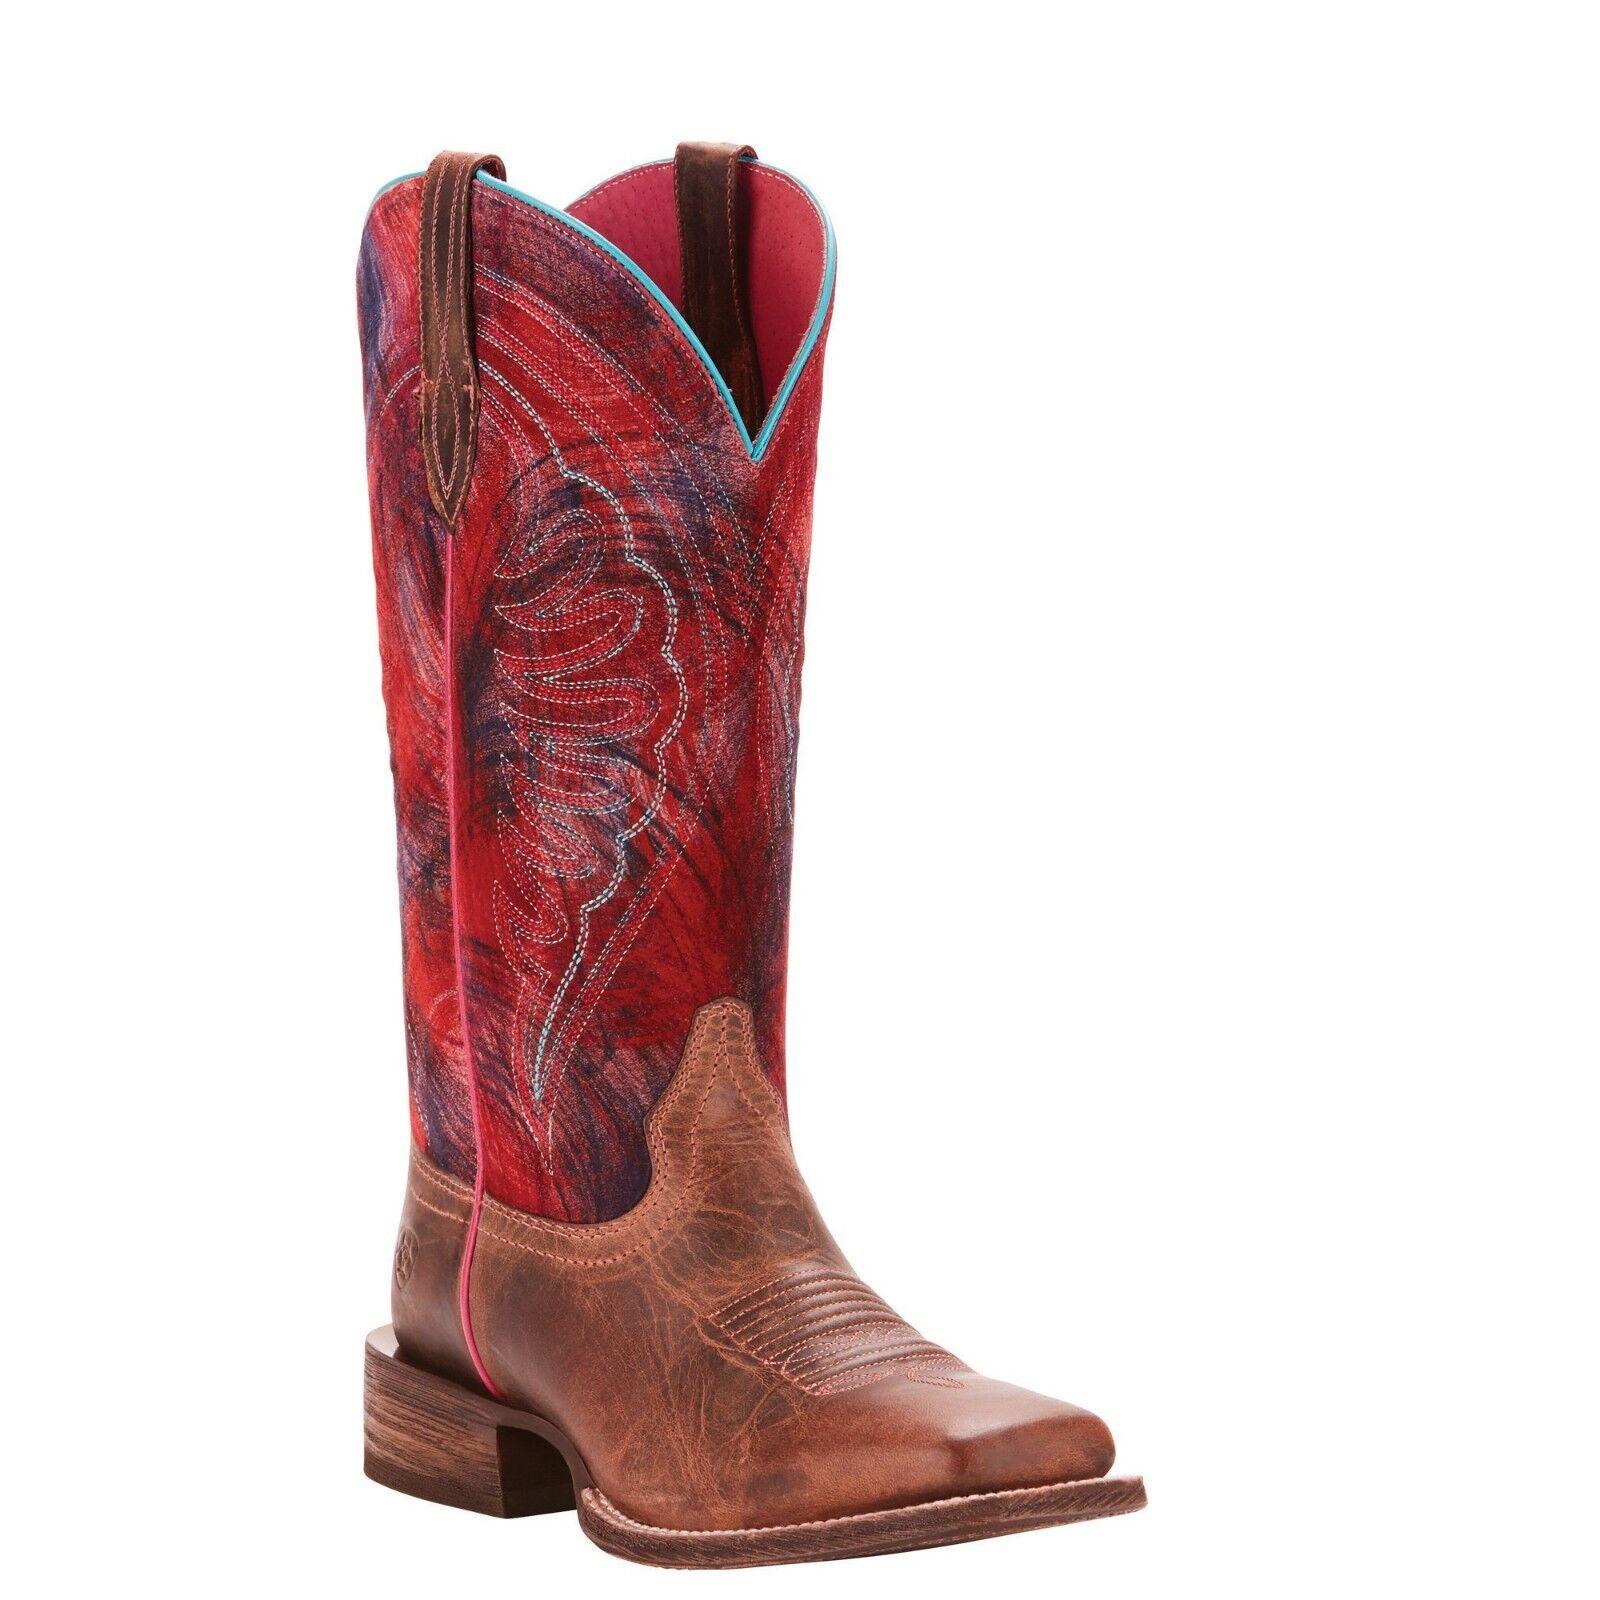 tutti i beni sono speciali Ariat® Ladies Circuit Shiloh Weathered Tan & rosso rosso rosso stivali 10025051  Nuova lista